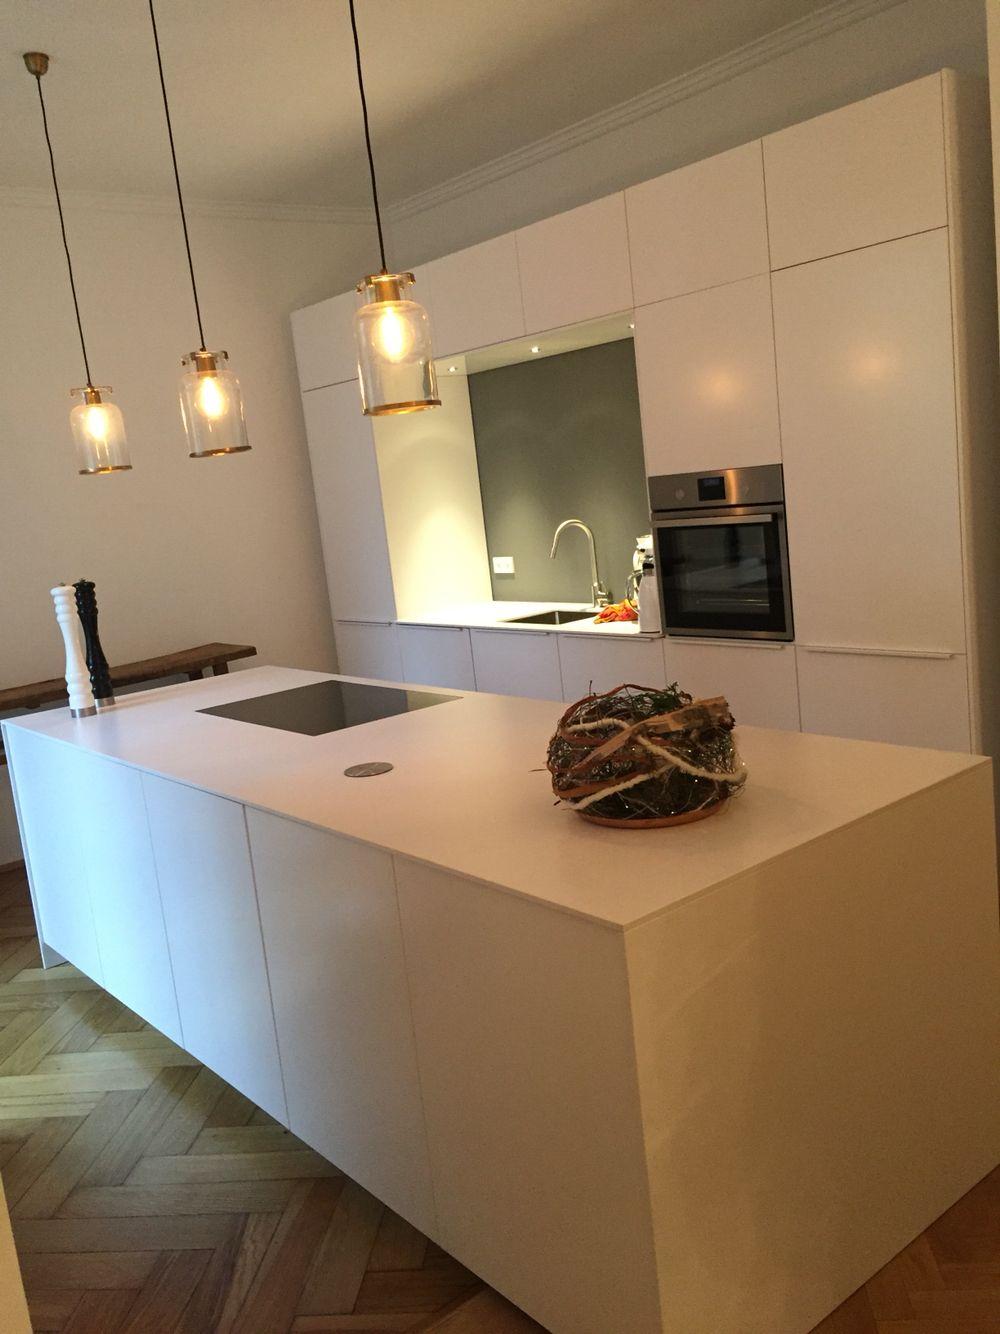 Küchenschränke weiß küche weiss  hausideen  pinterest  kitsch bespoke and kitchens